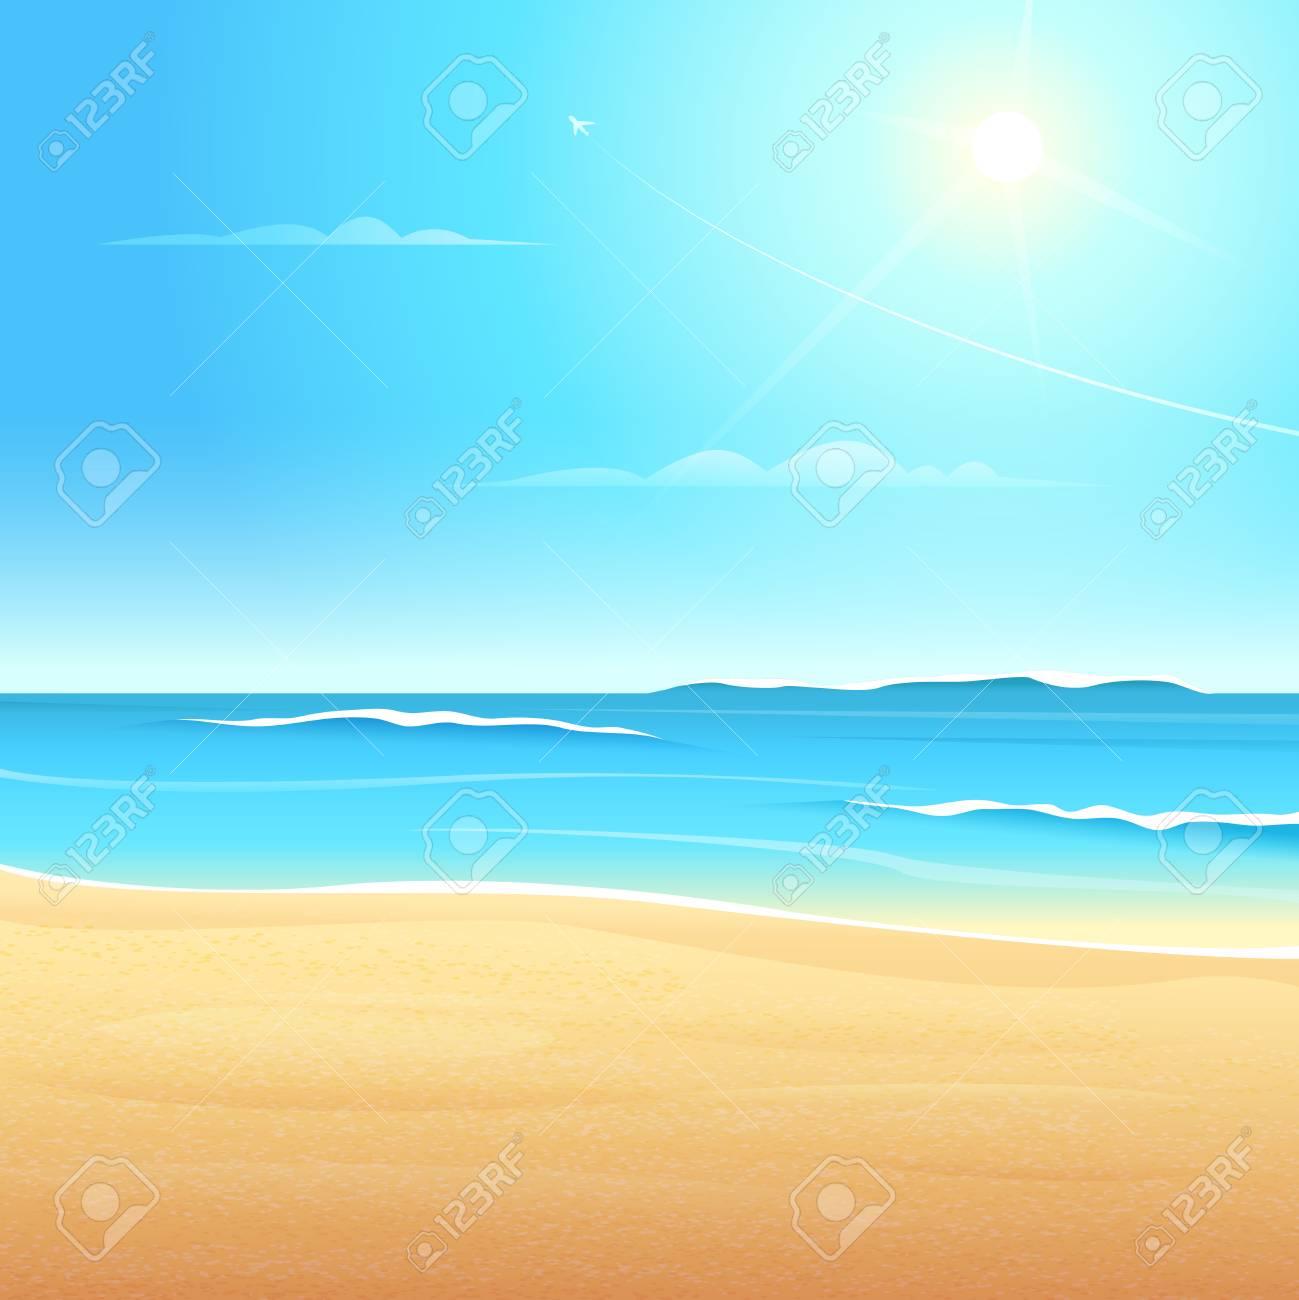 波砂浜の海岸と海のビーチの眺めきれい青い空太陽が輝くのイラスト